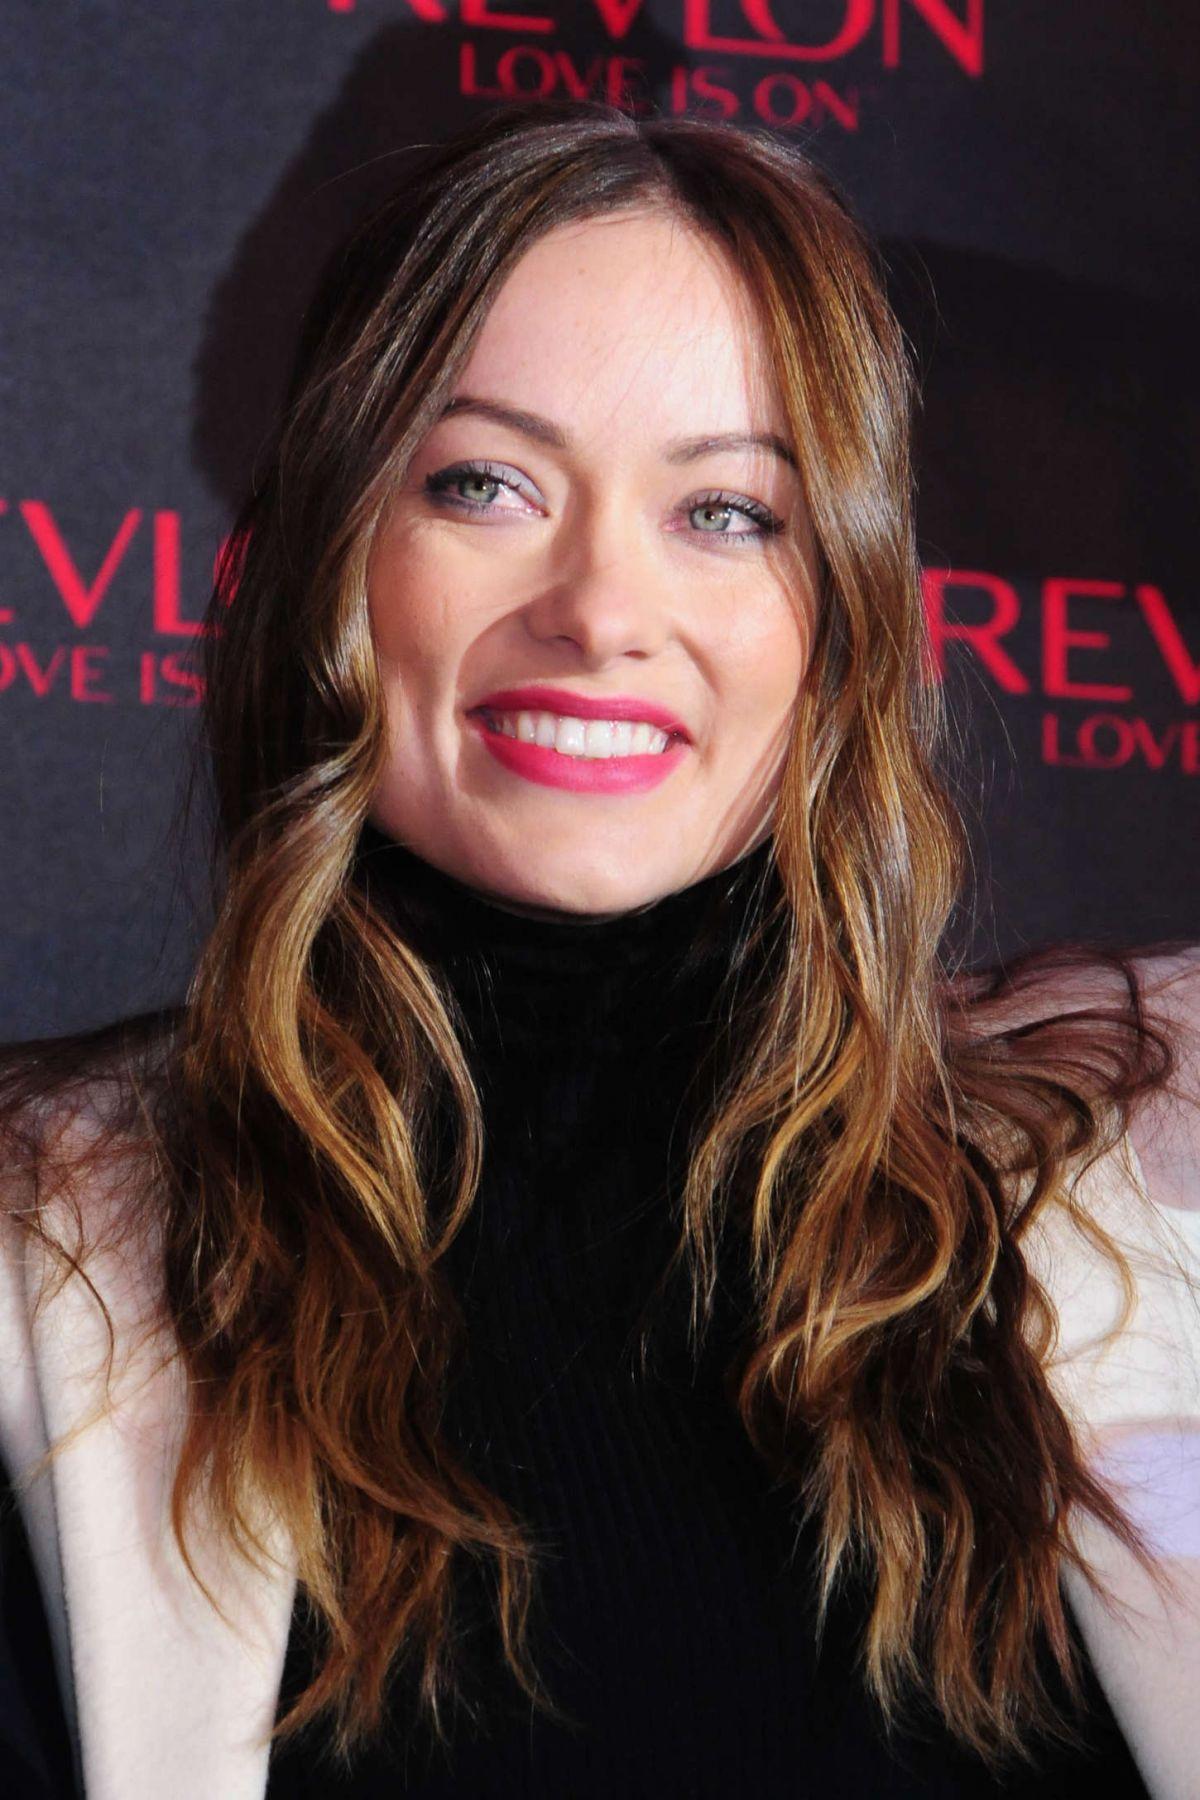 olivia wilde revlon commercial hot girls wallpaper